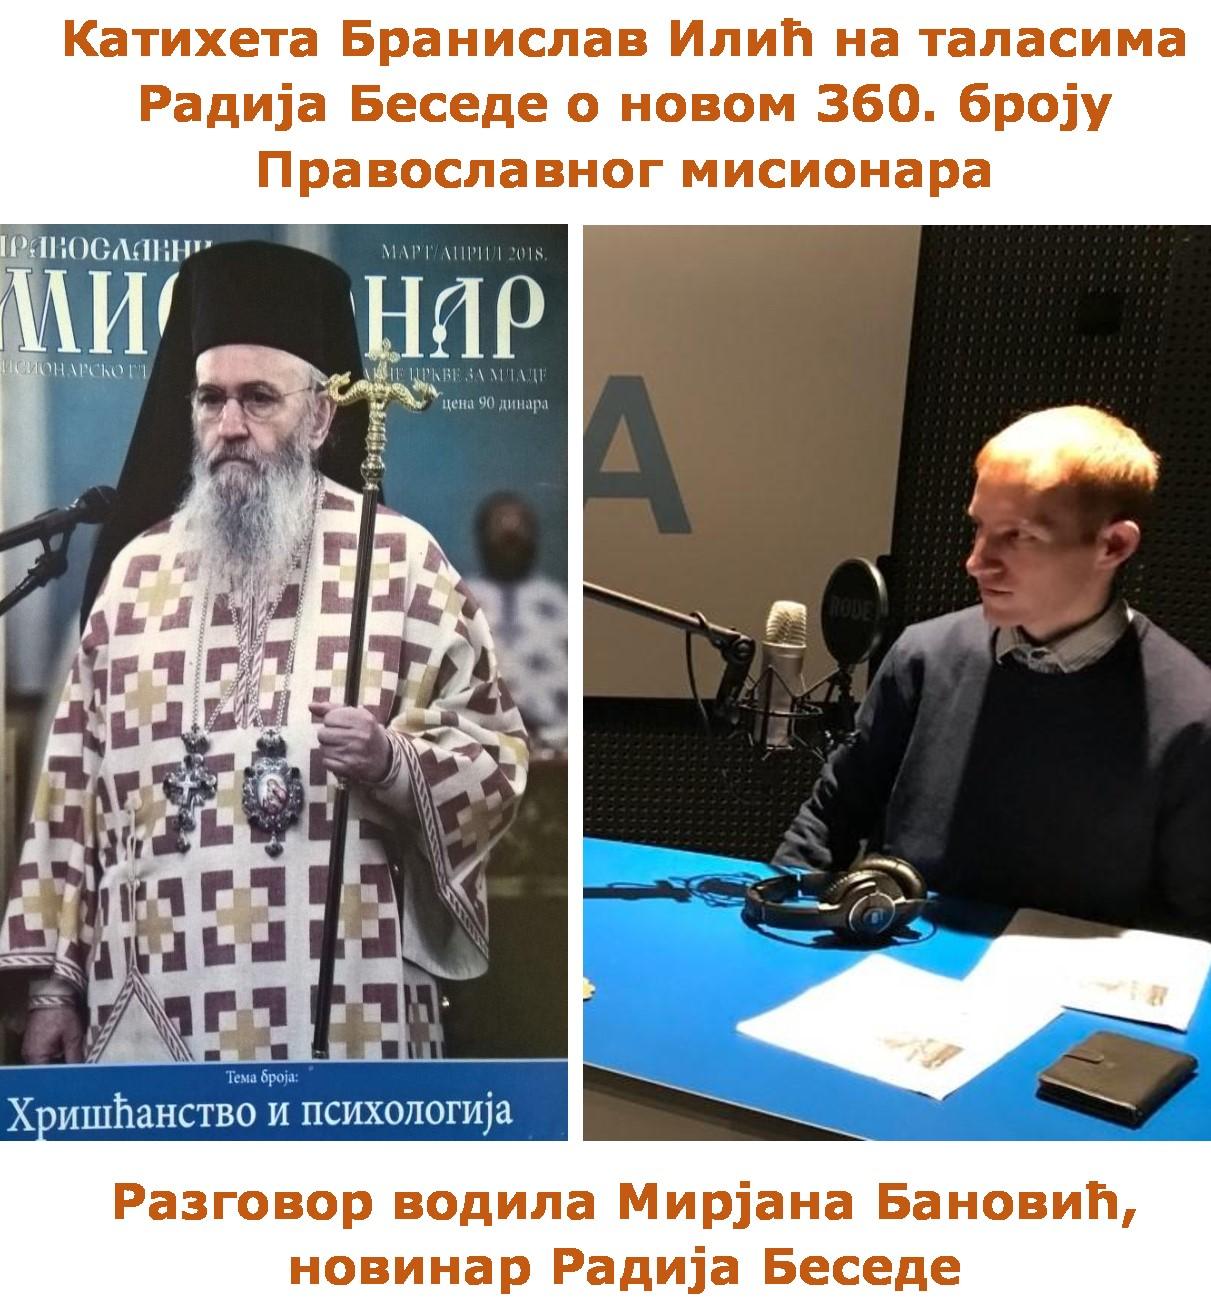 На Радију Беседа представљен 360. број Православног мисионара